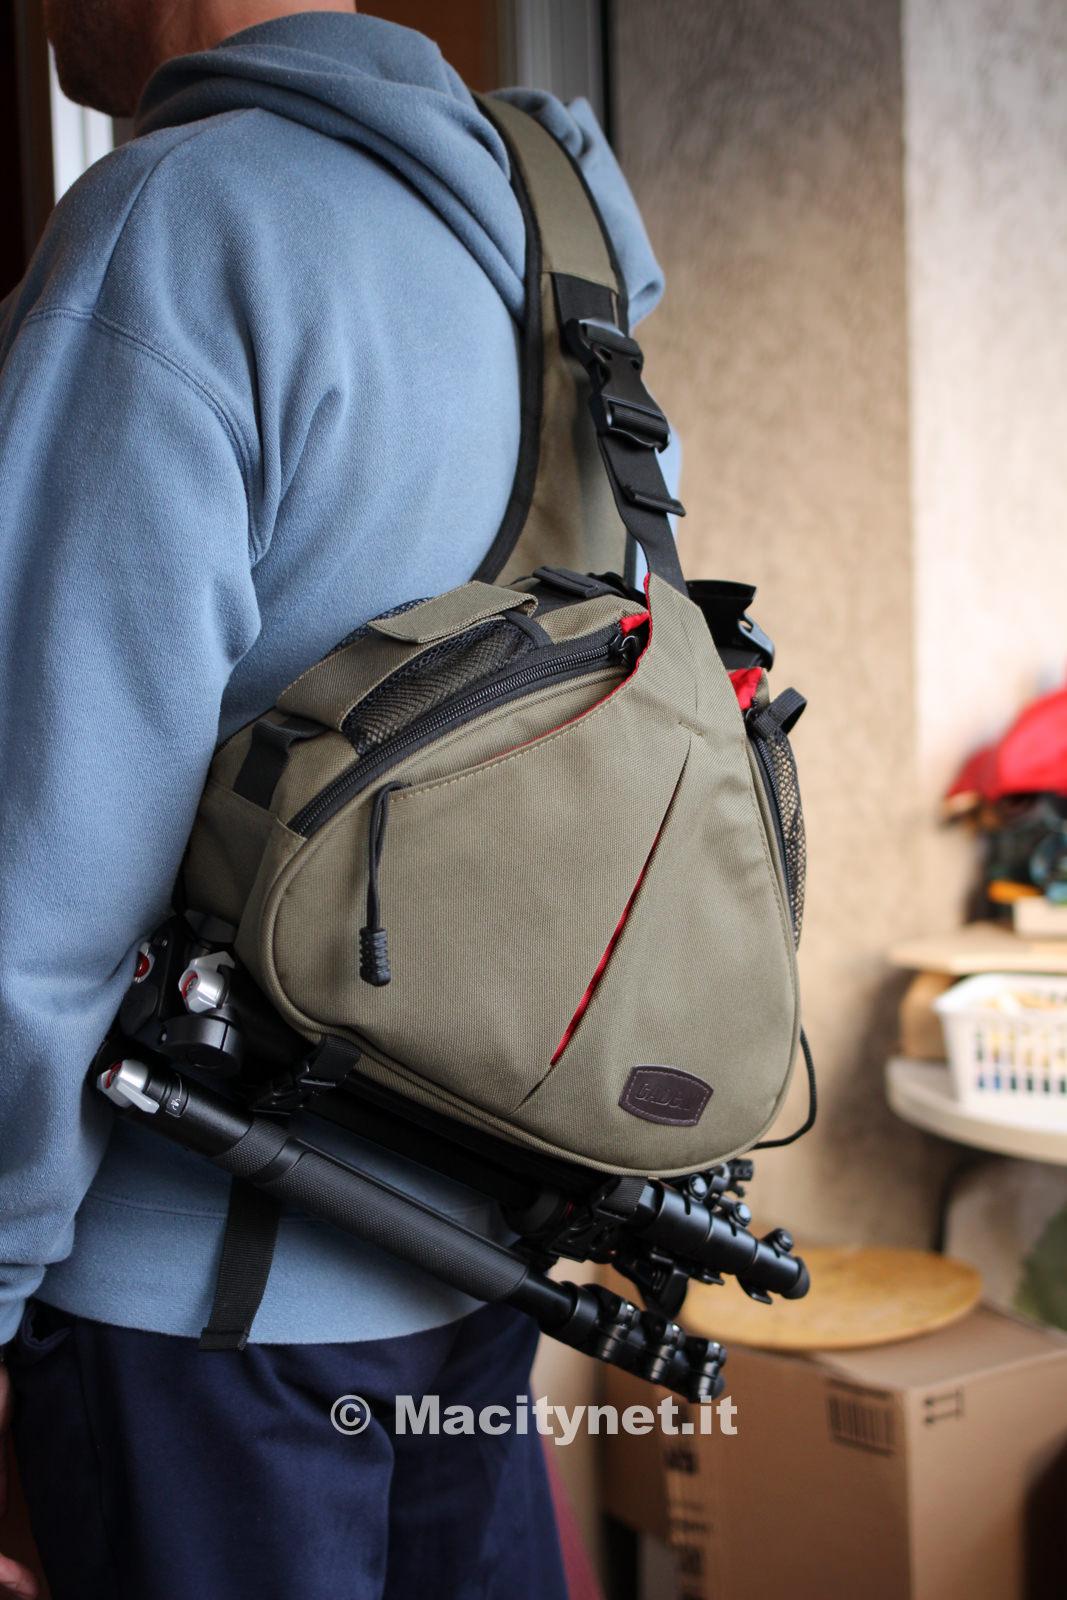 Recensione Caden K1 la borsa fotografica monospalla per